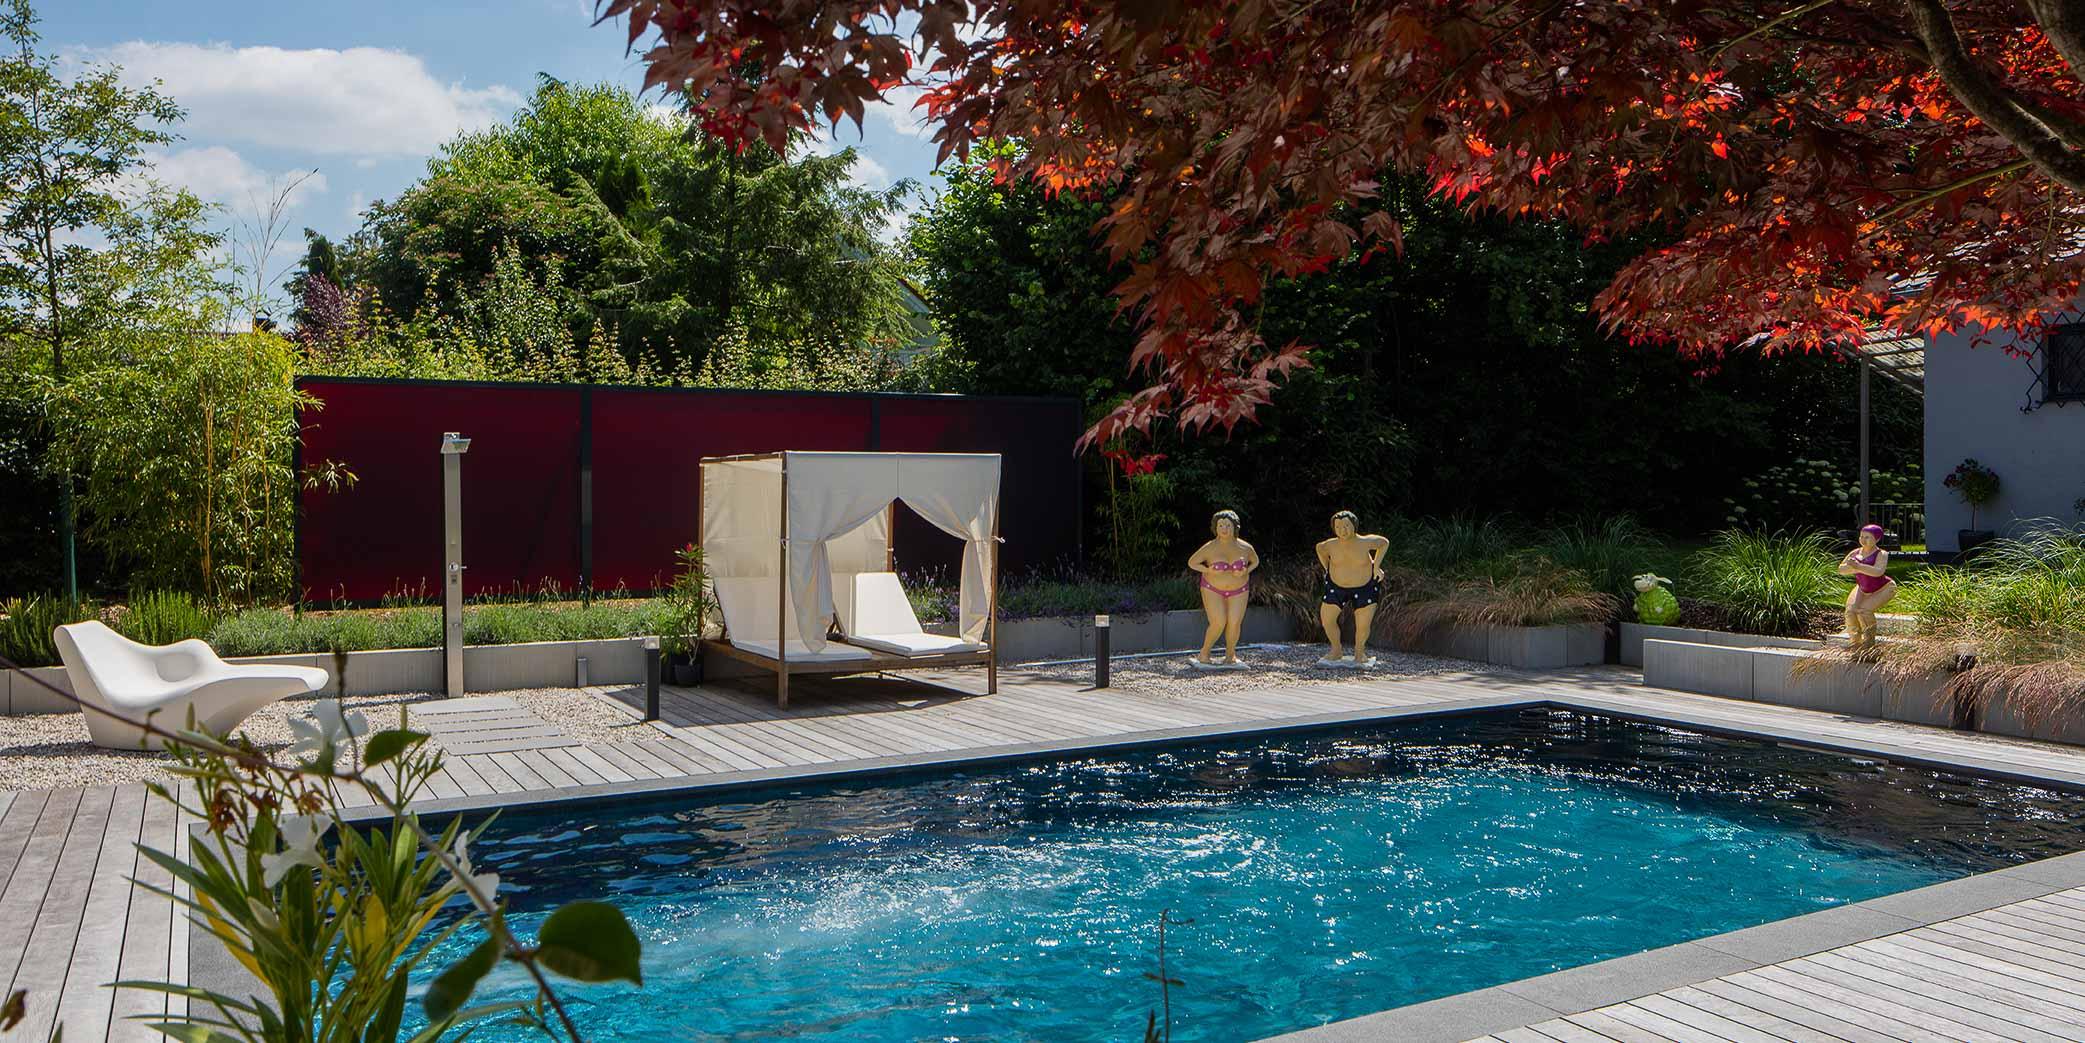 Die Sichtschutzwand greift das dunkle Rot des Fächerahorns auf, auch hinter dem Swimmingpool.